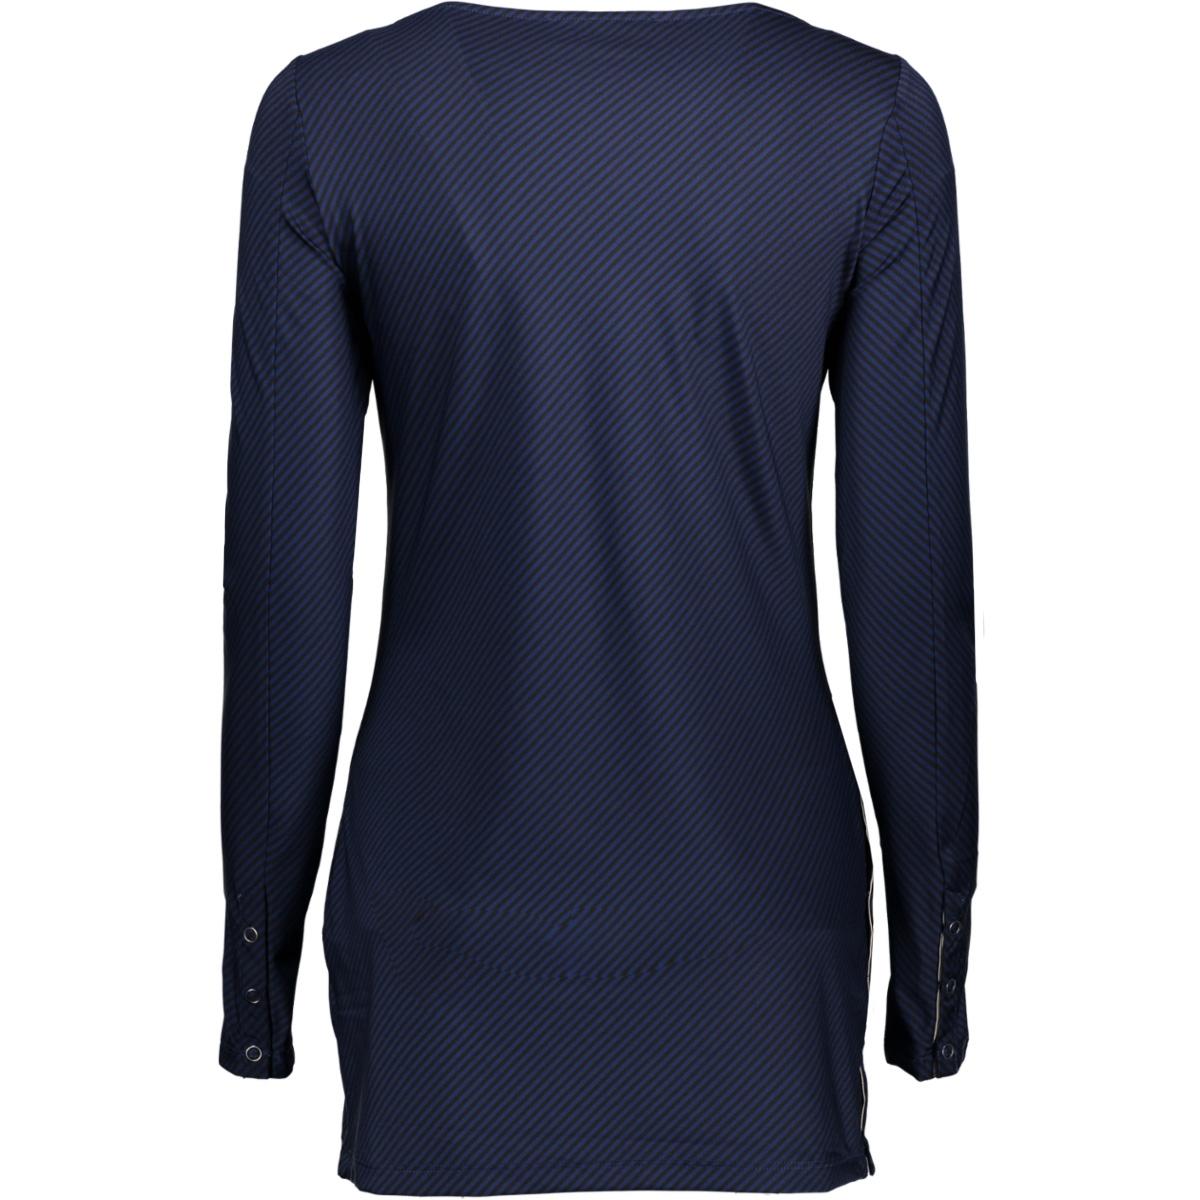 595-248 sylver t-shirt 770 royal blue